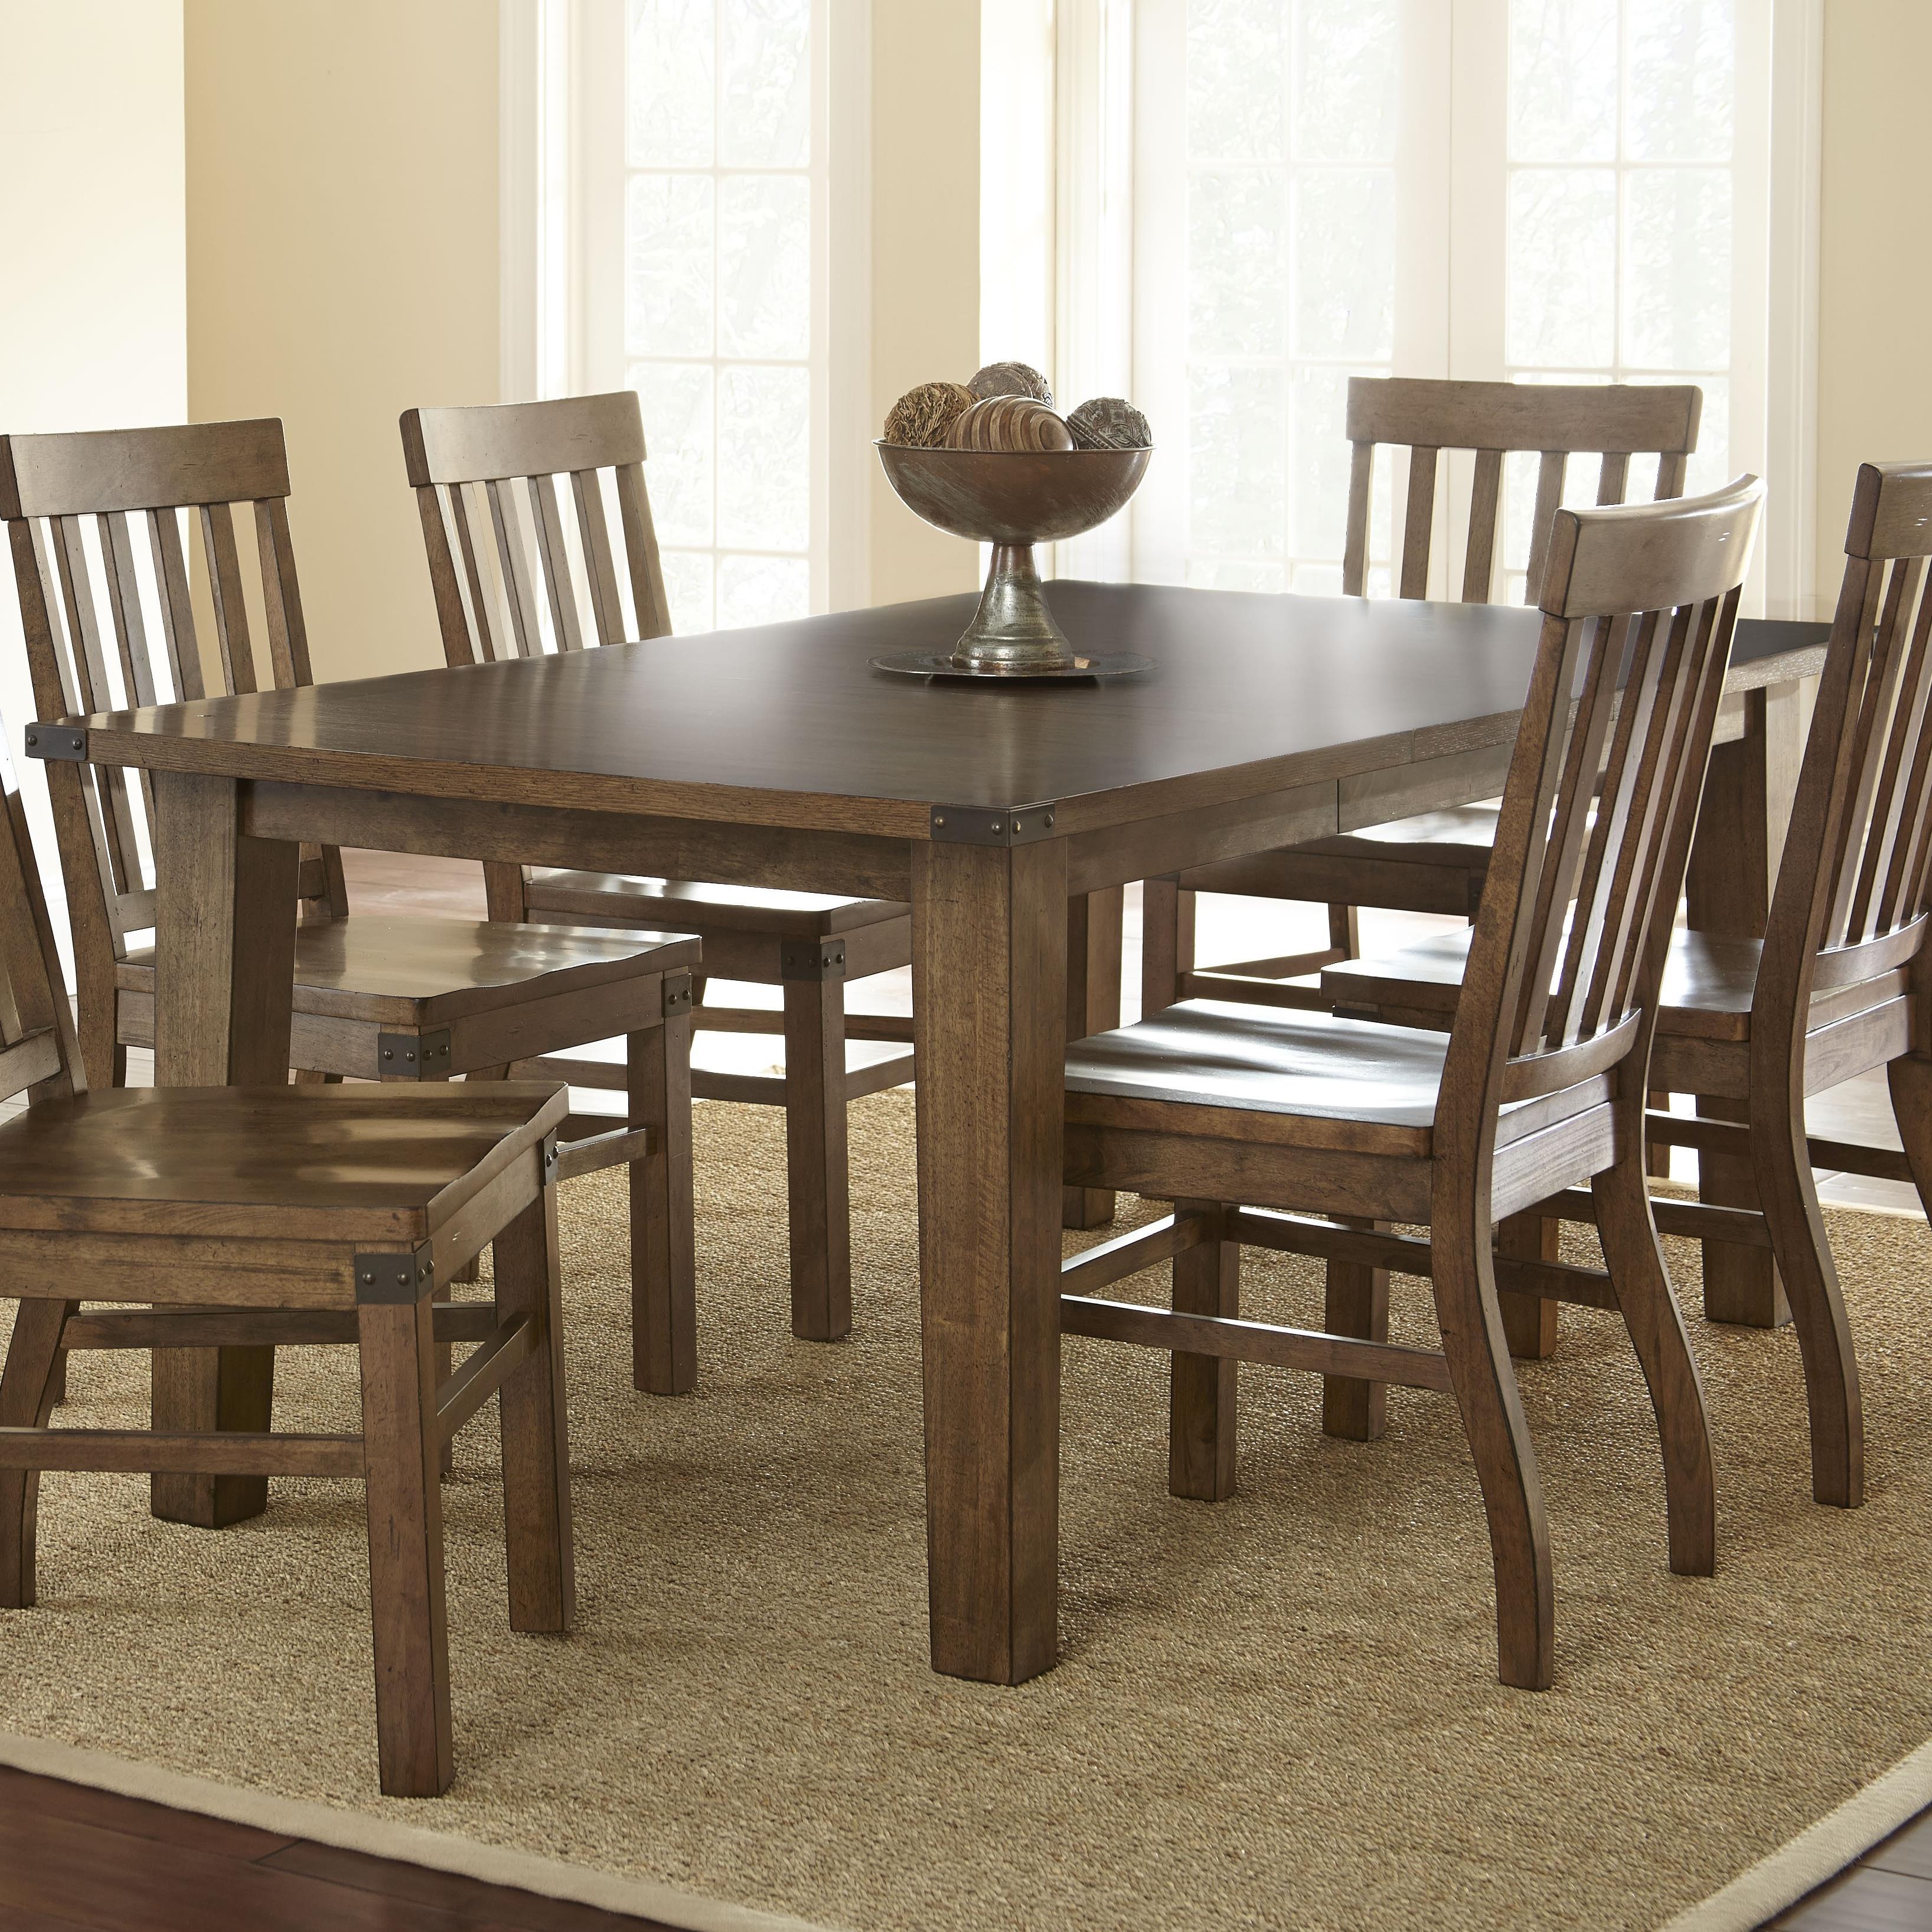 Steve silver hailee rectangular dining table with 18 leaf for Rectangular dining room tables with leaves